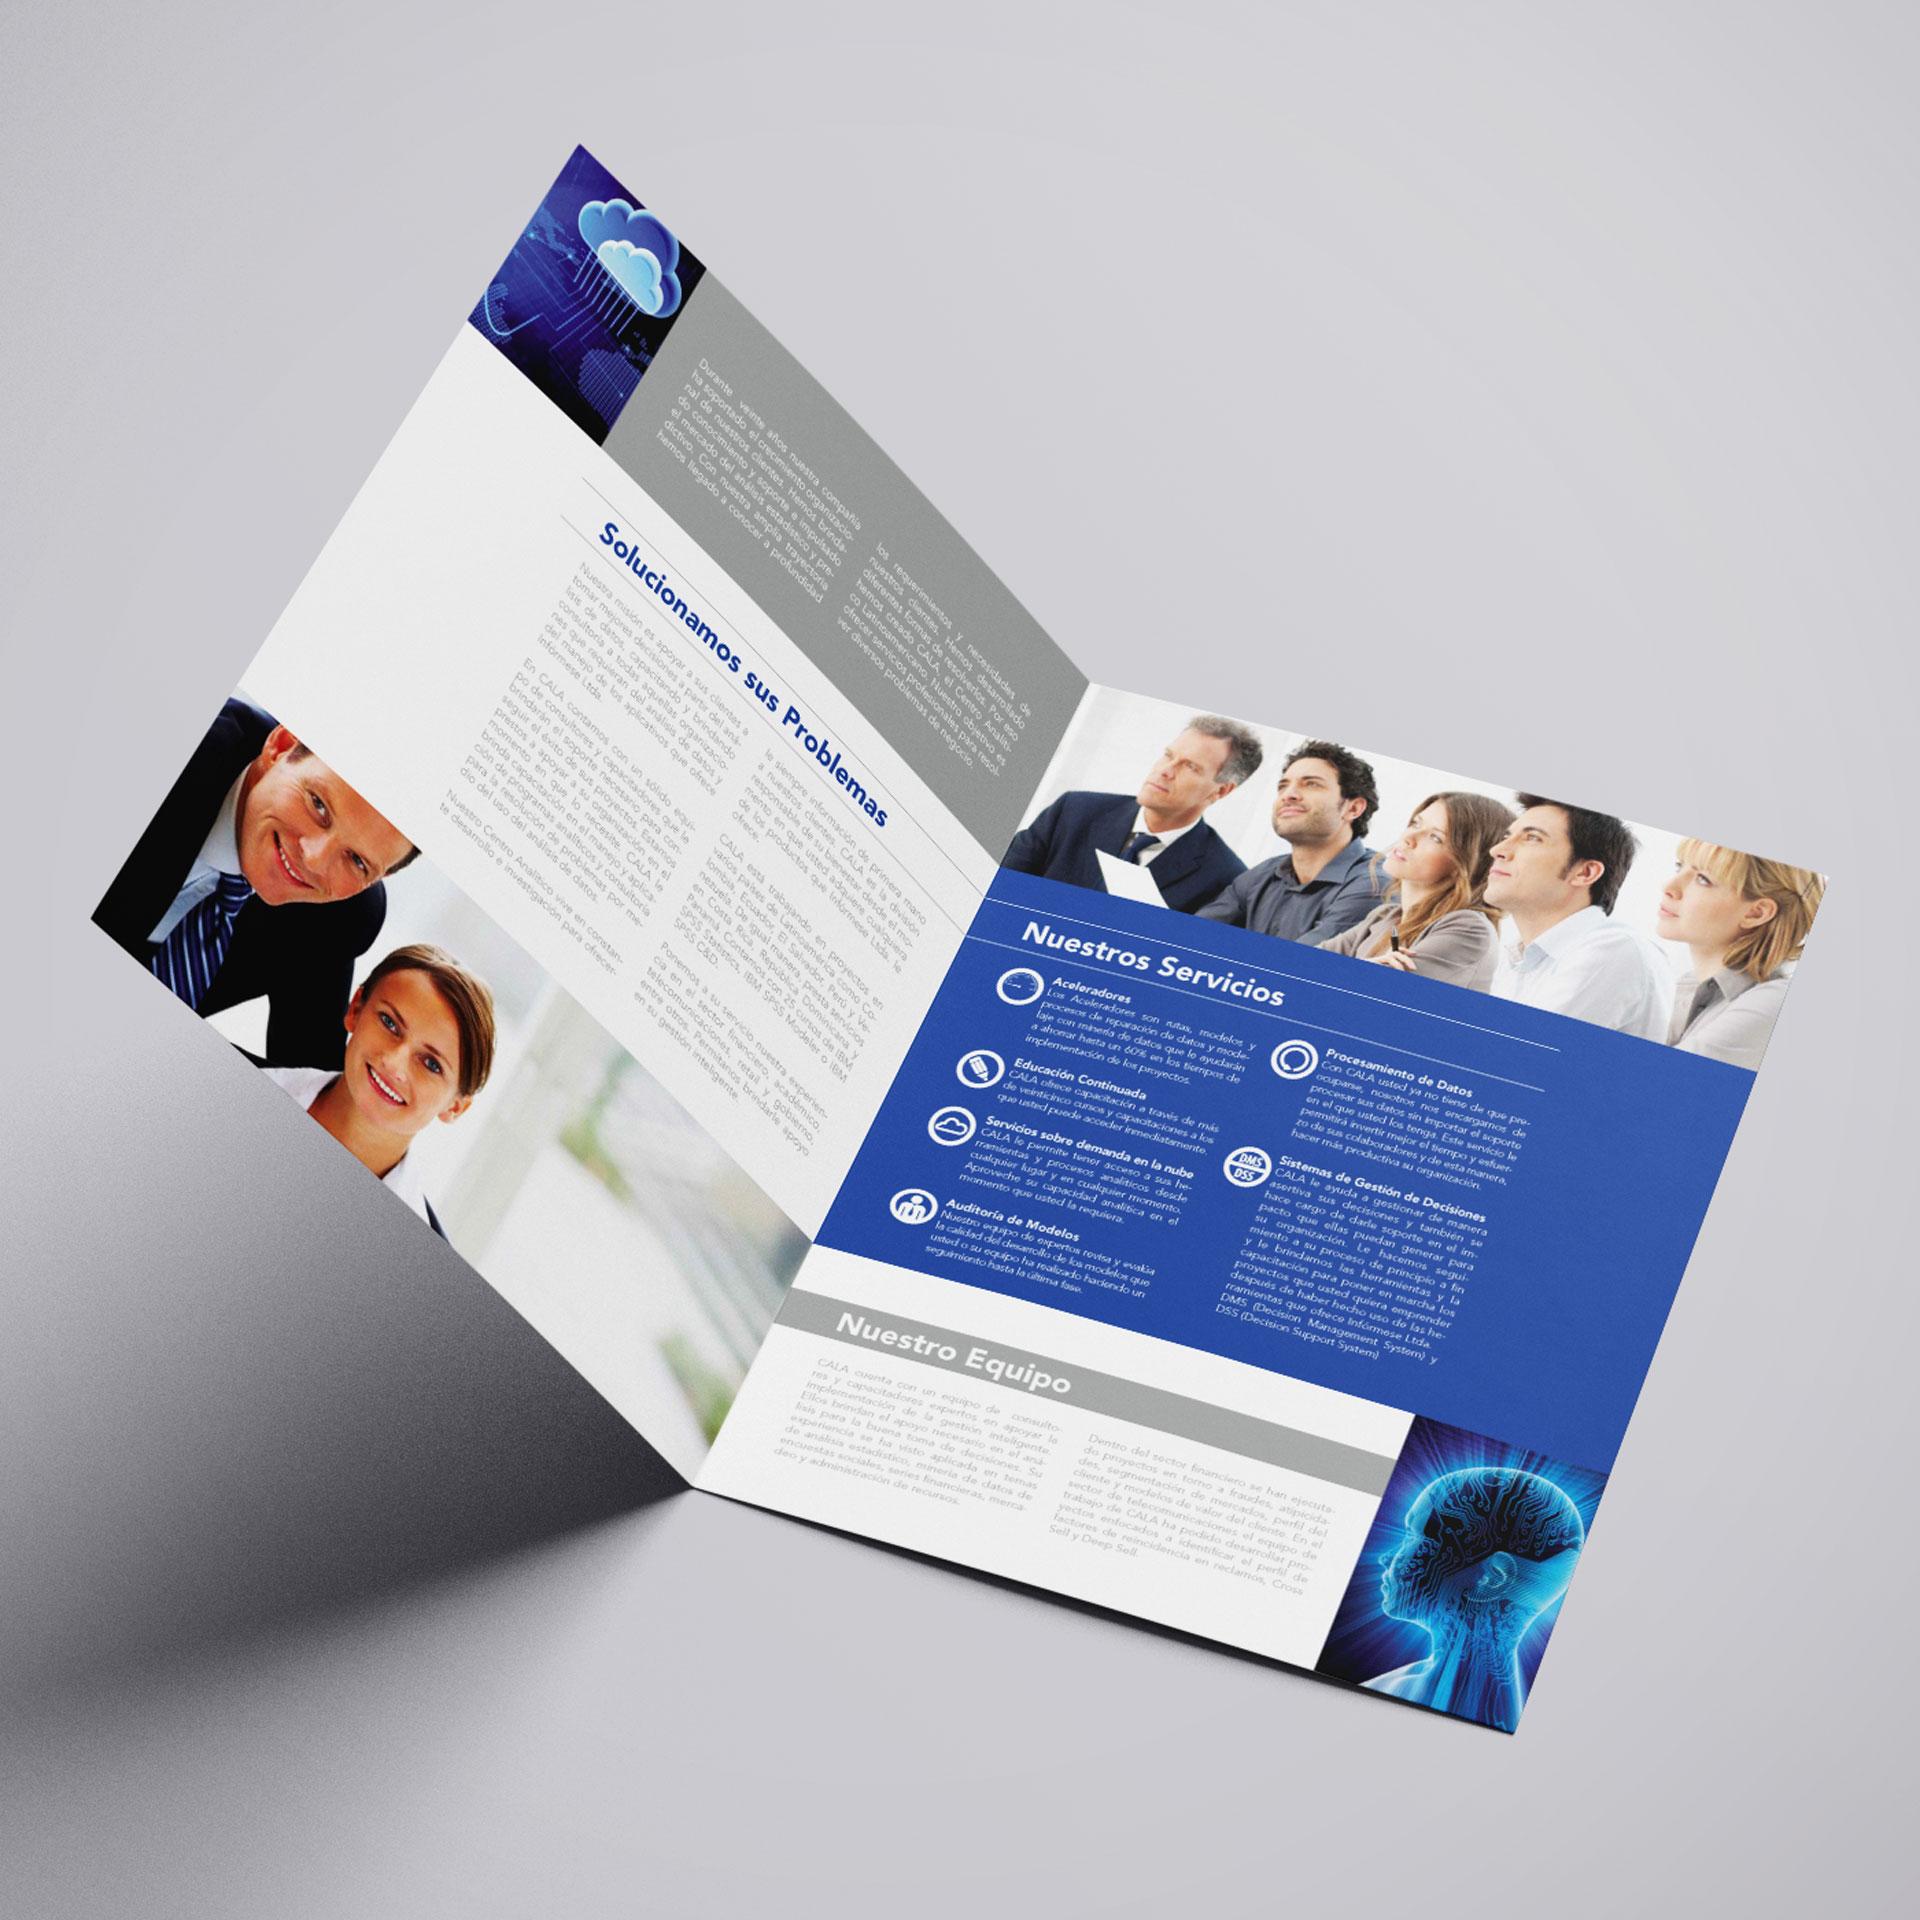 Brochure de Servicios de Analítica de Cala Analytics